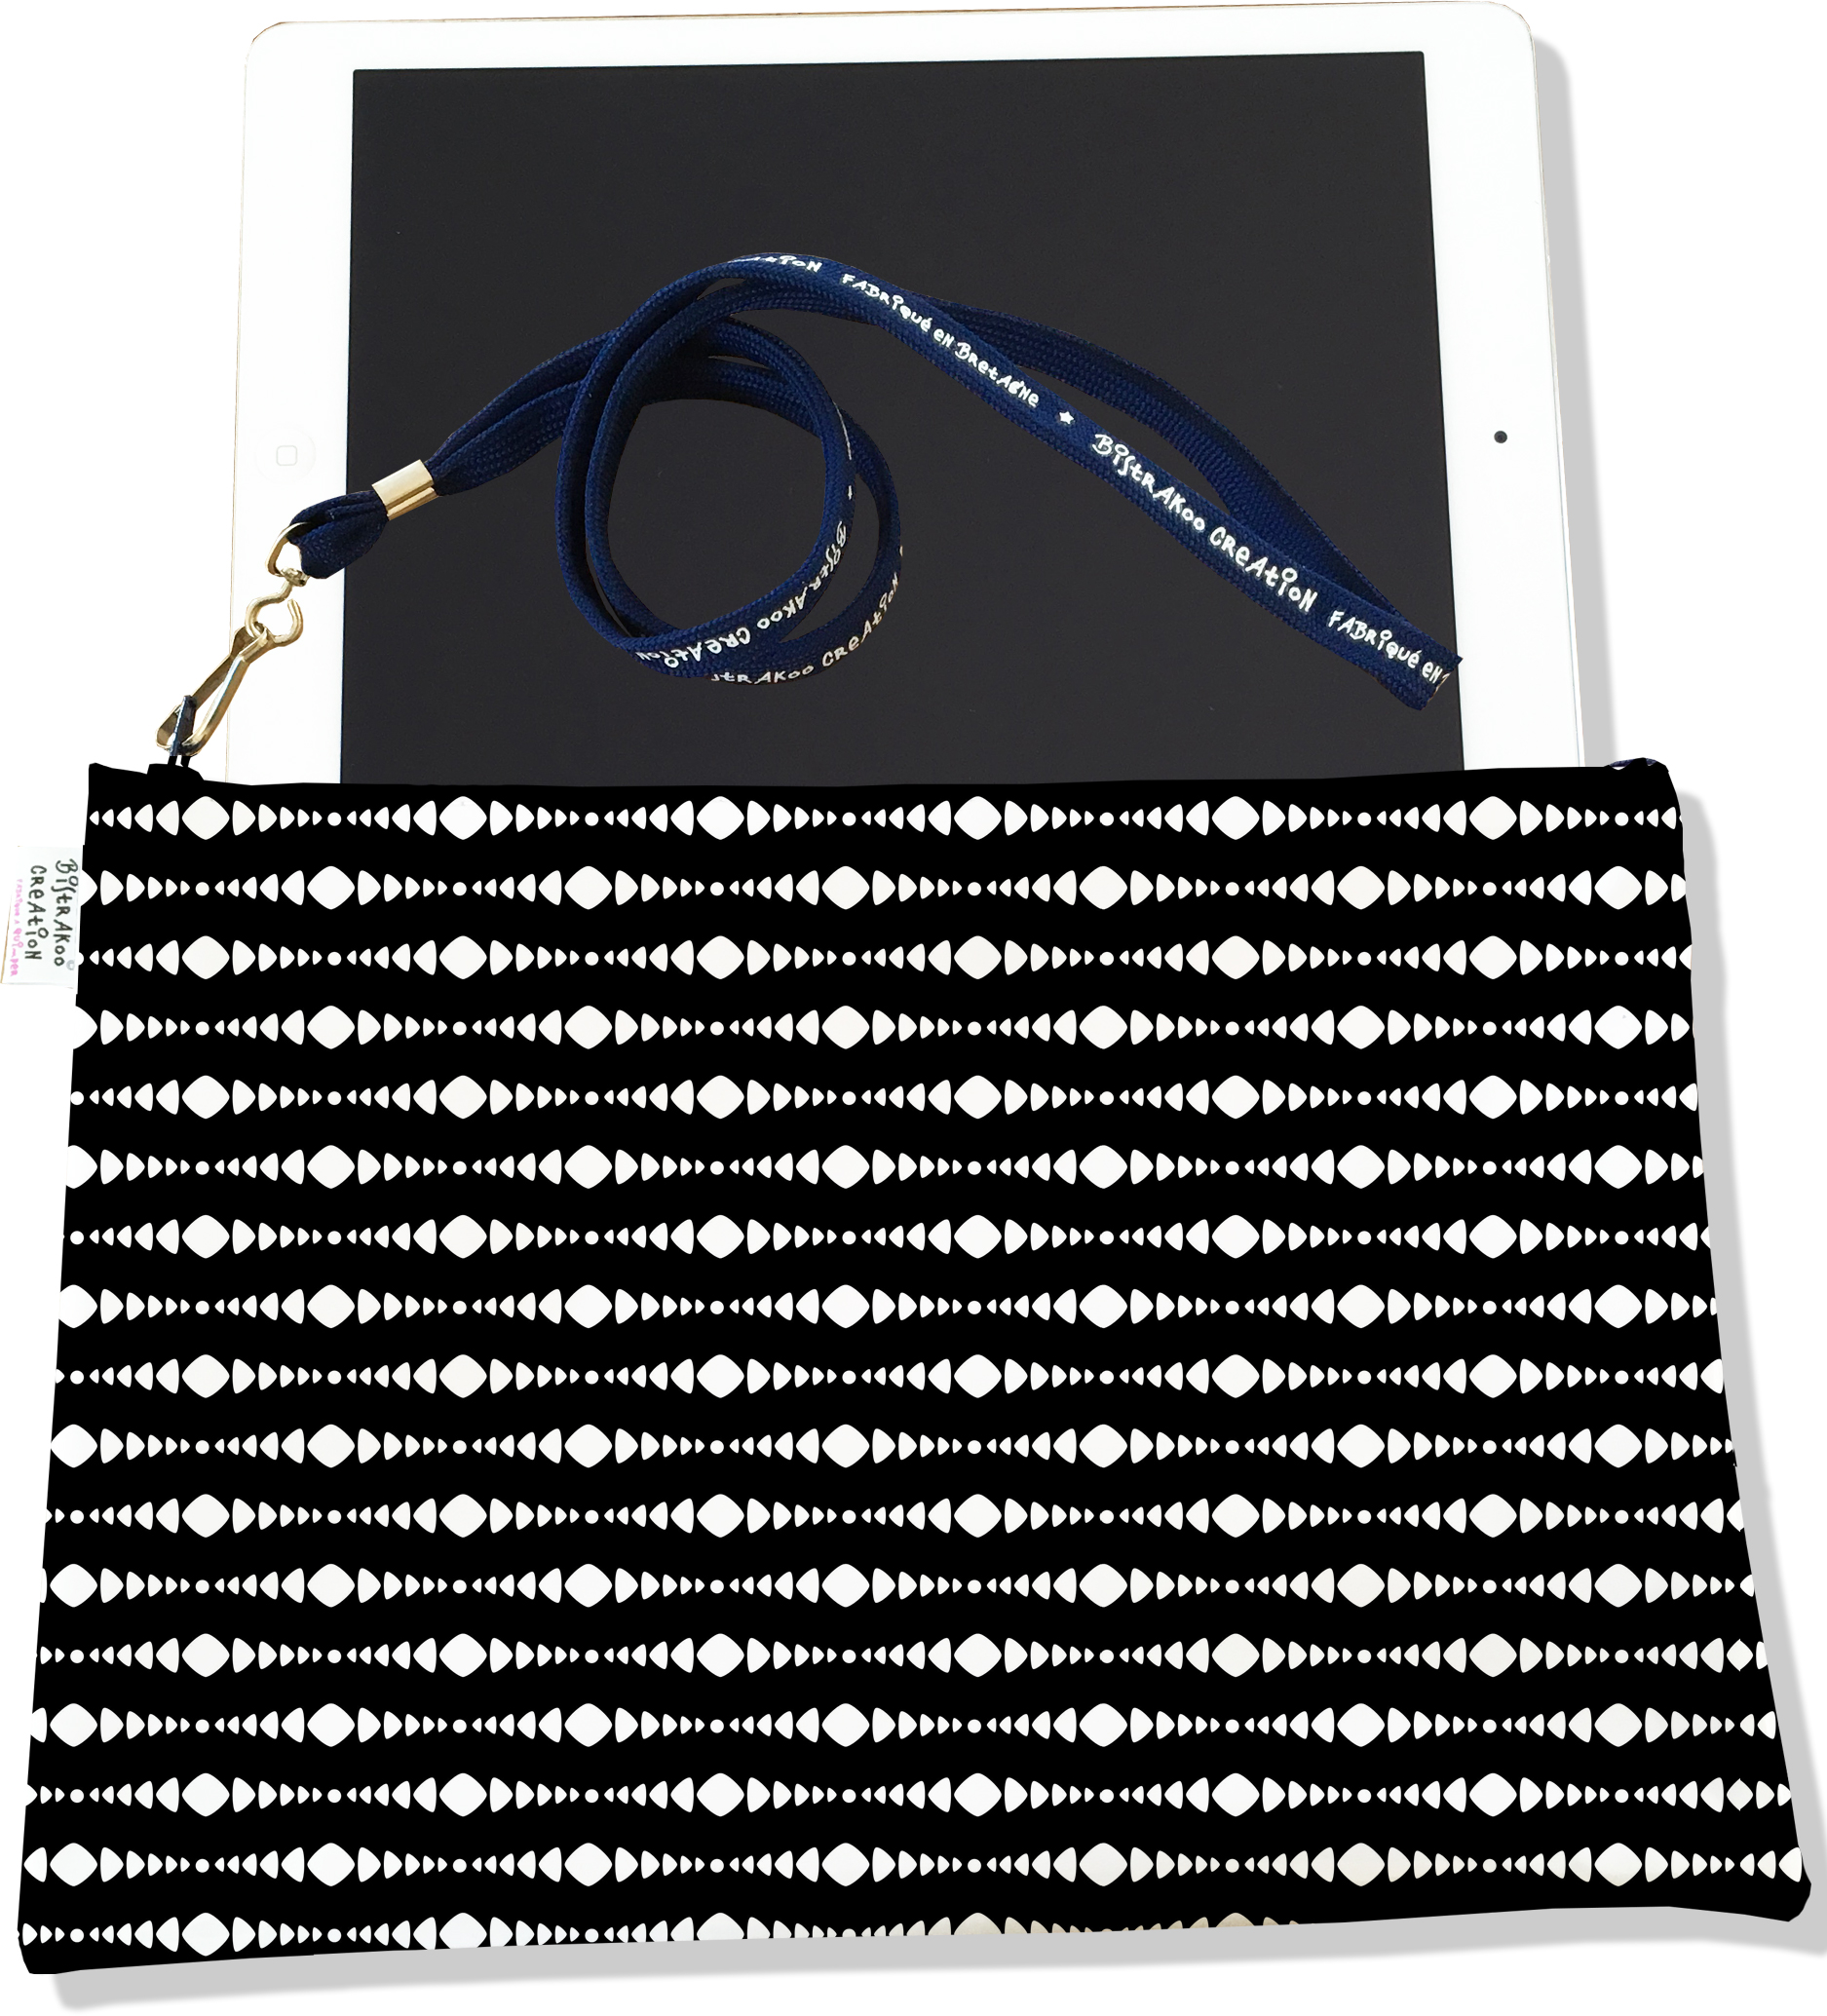 Housse pour tablette pour homme motif tactile Graphique blanc fond noir 2495-2015